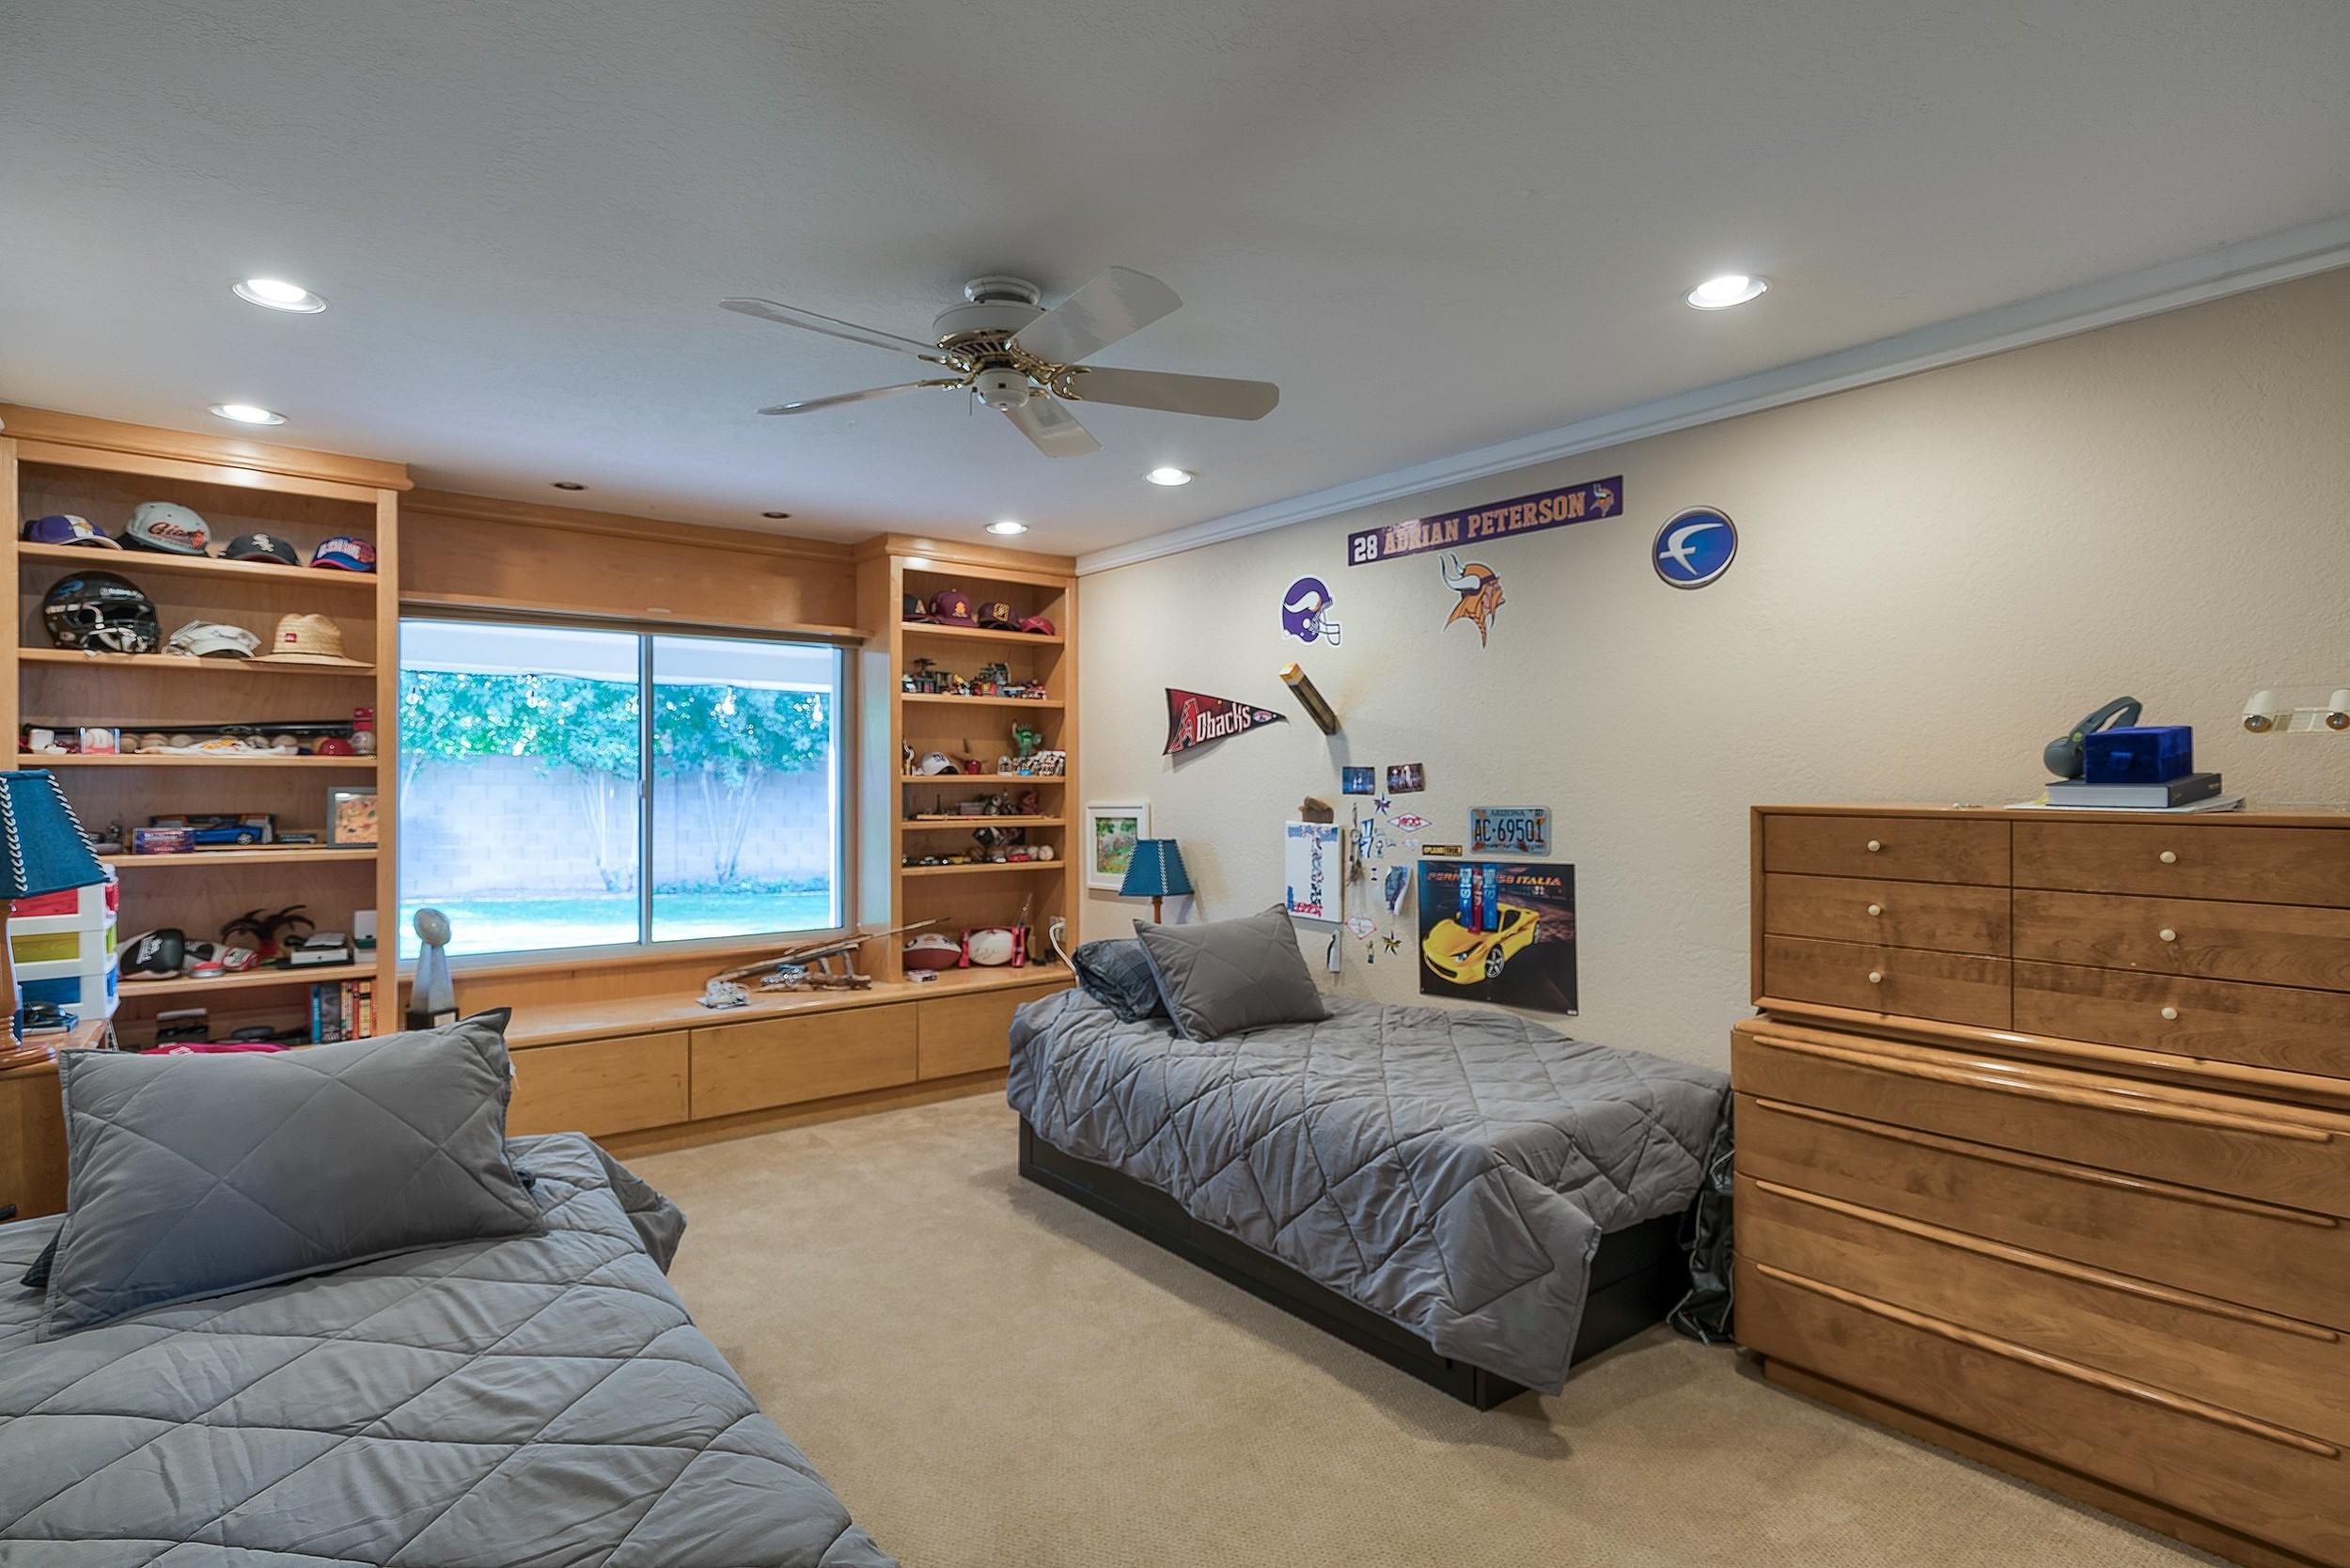 022_Bedroom III .jpg